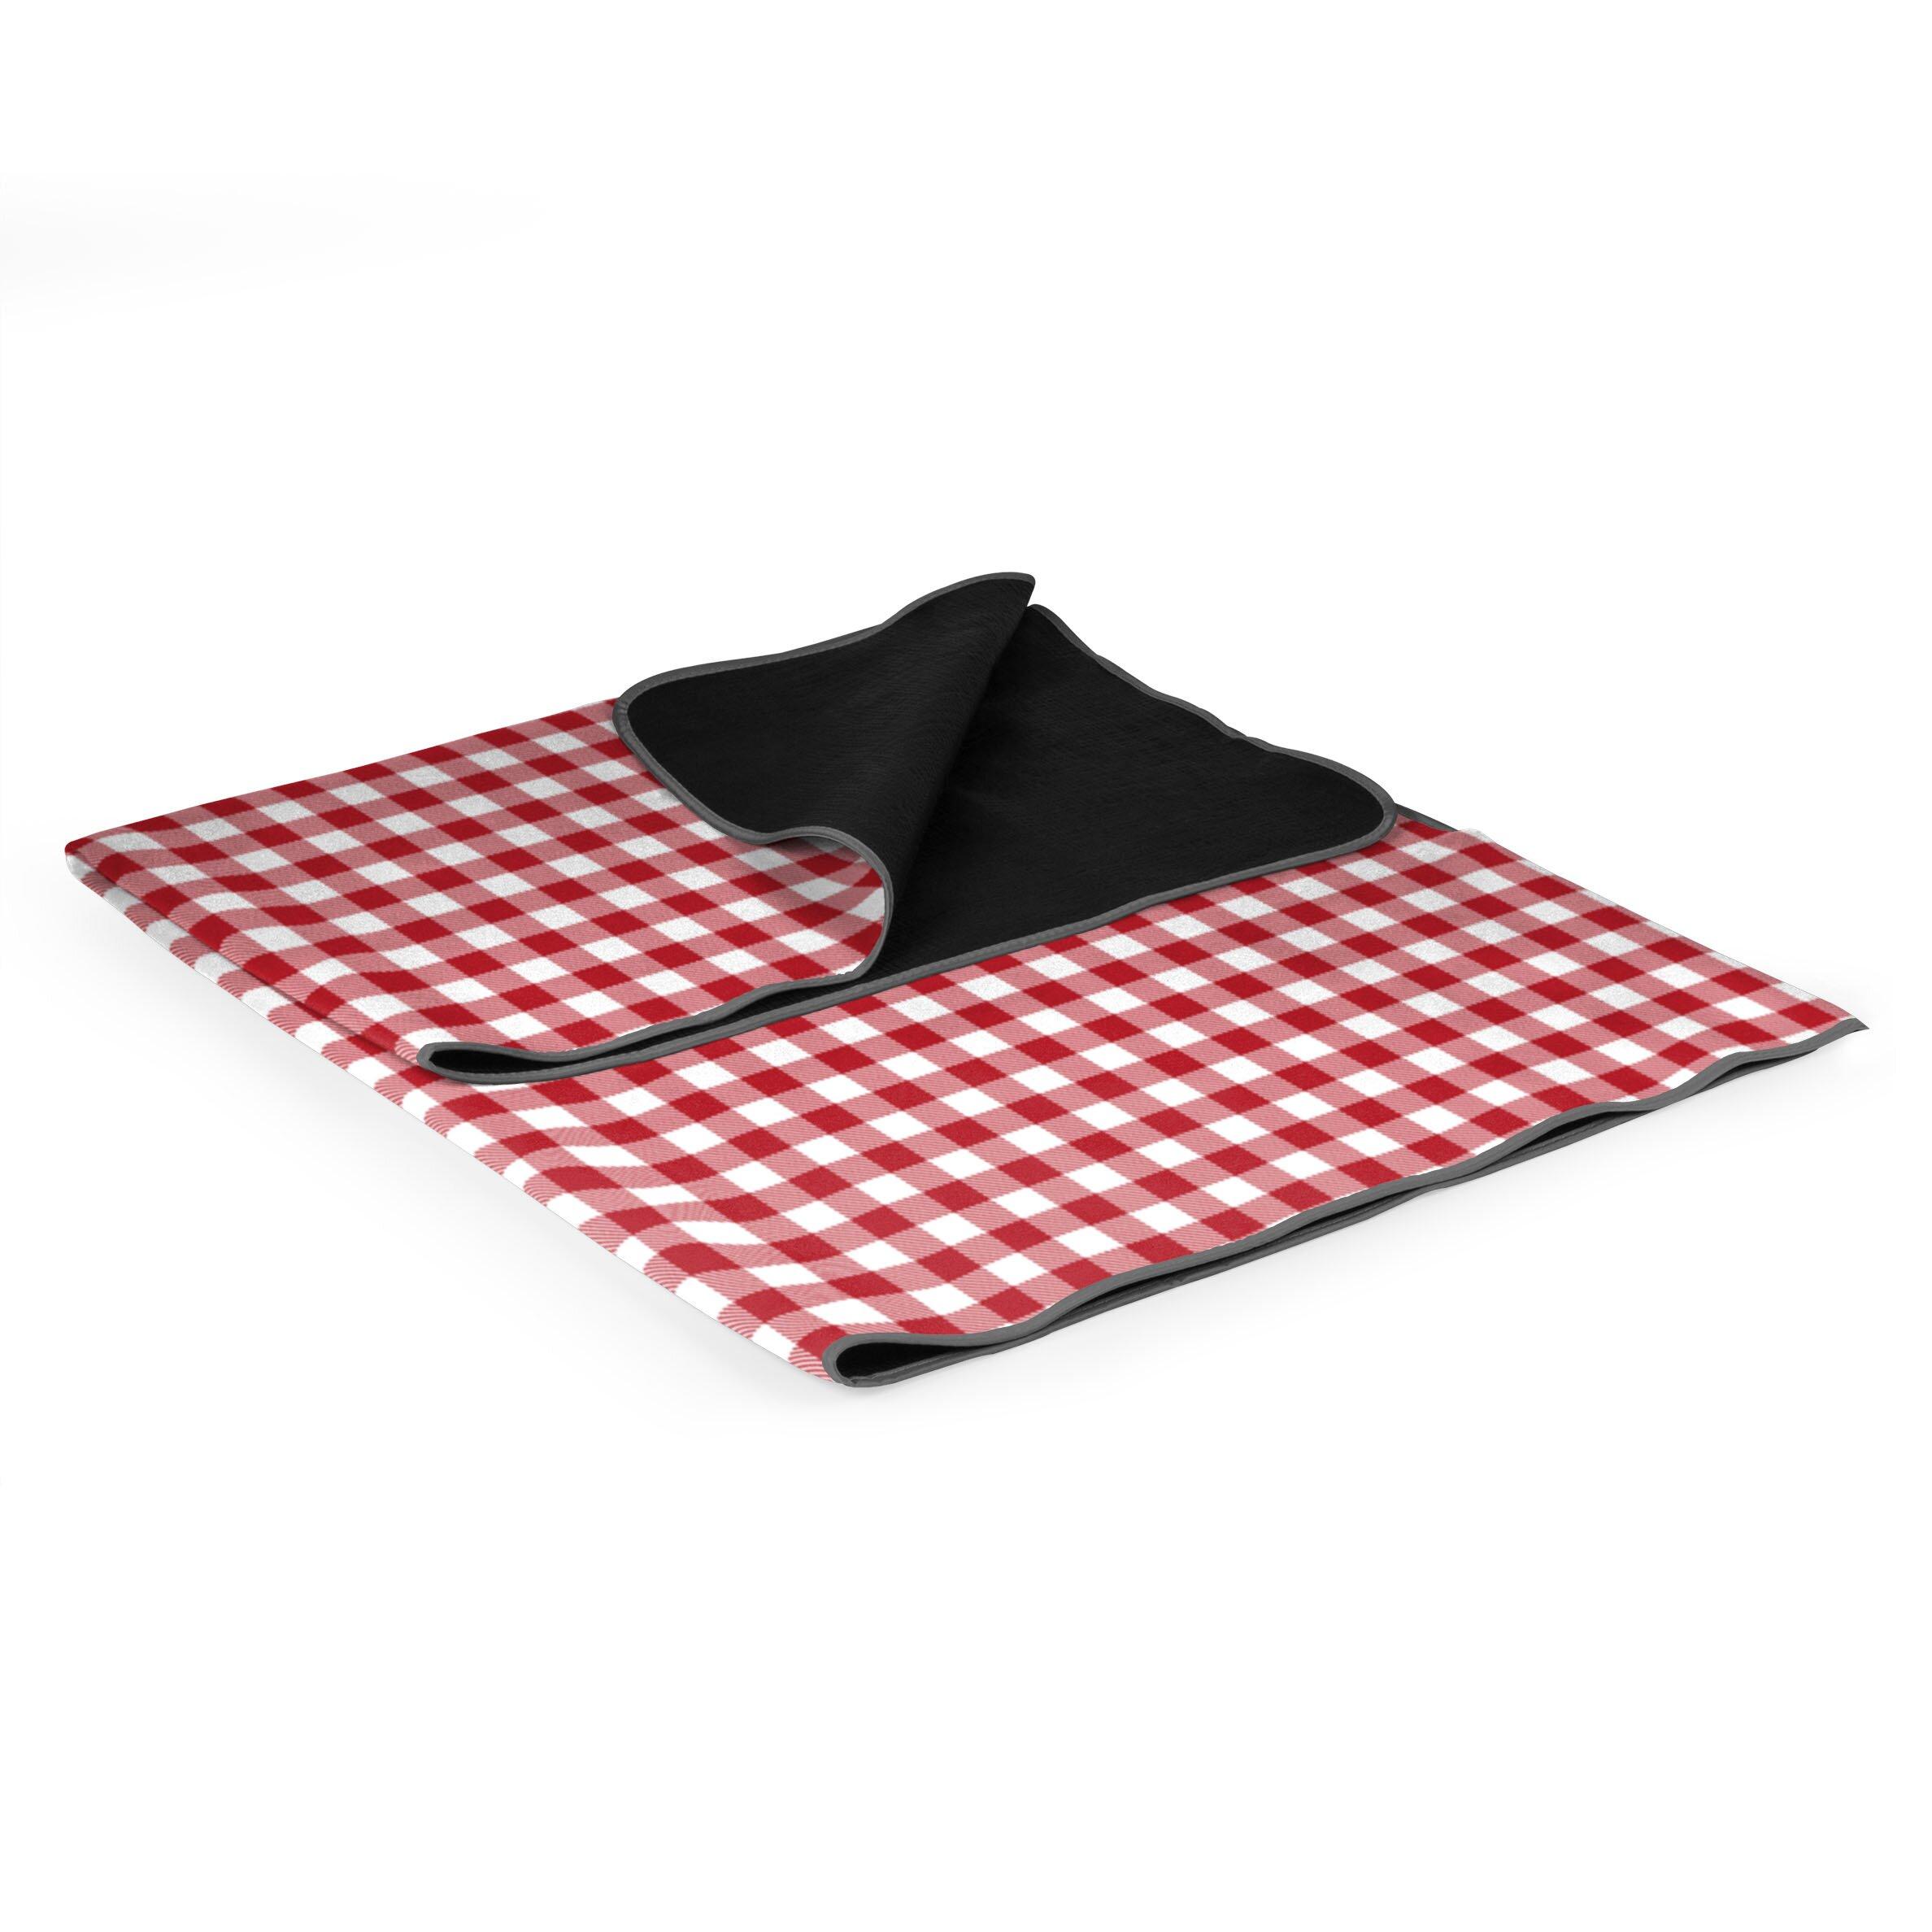 Picnic Blanket: Picnic Time Blanket Tote